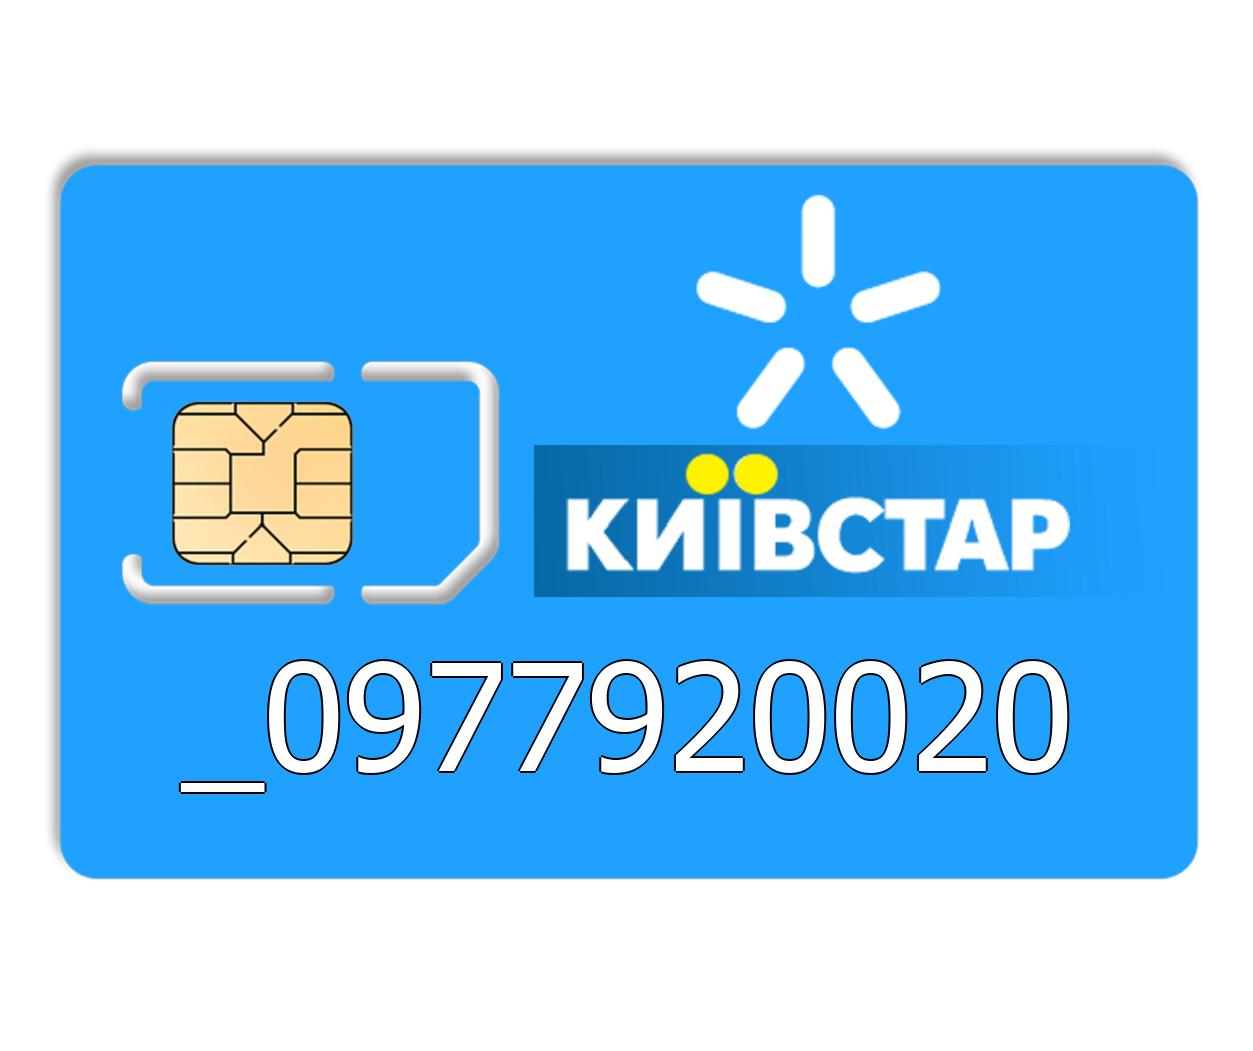 Красивый номер Киевстар 097-79-200-20